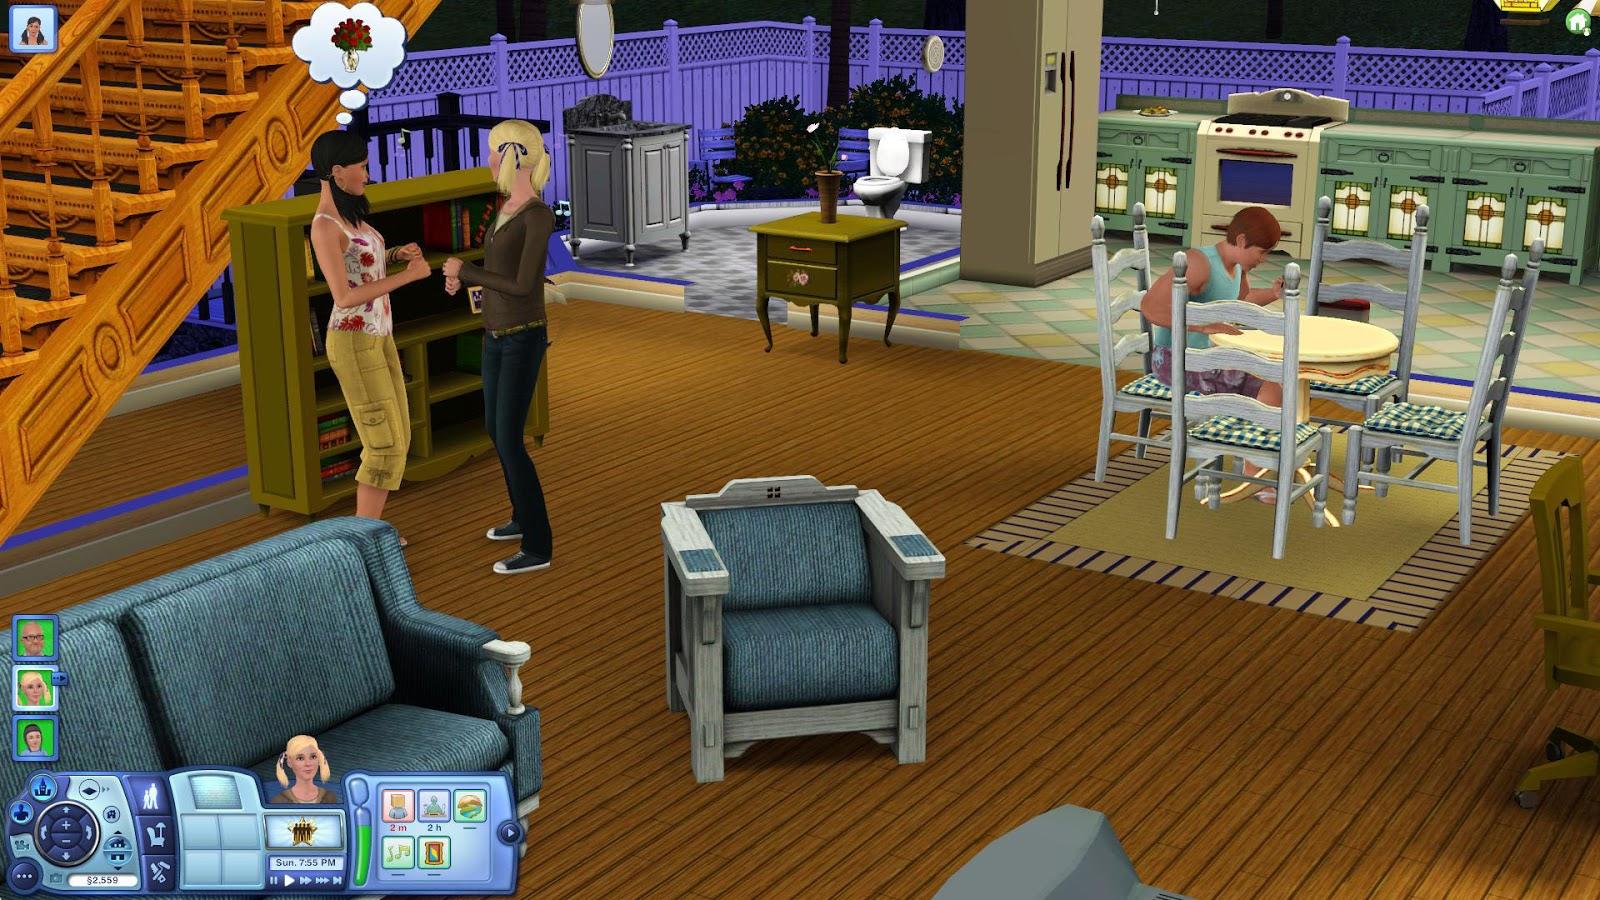 تحميل لعبة the sims 4 مع جميع الاضافات